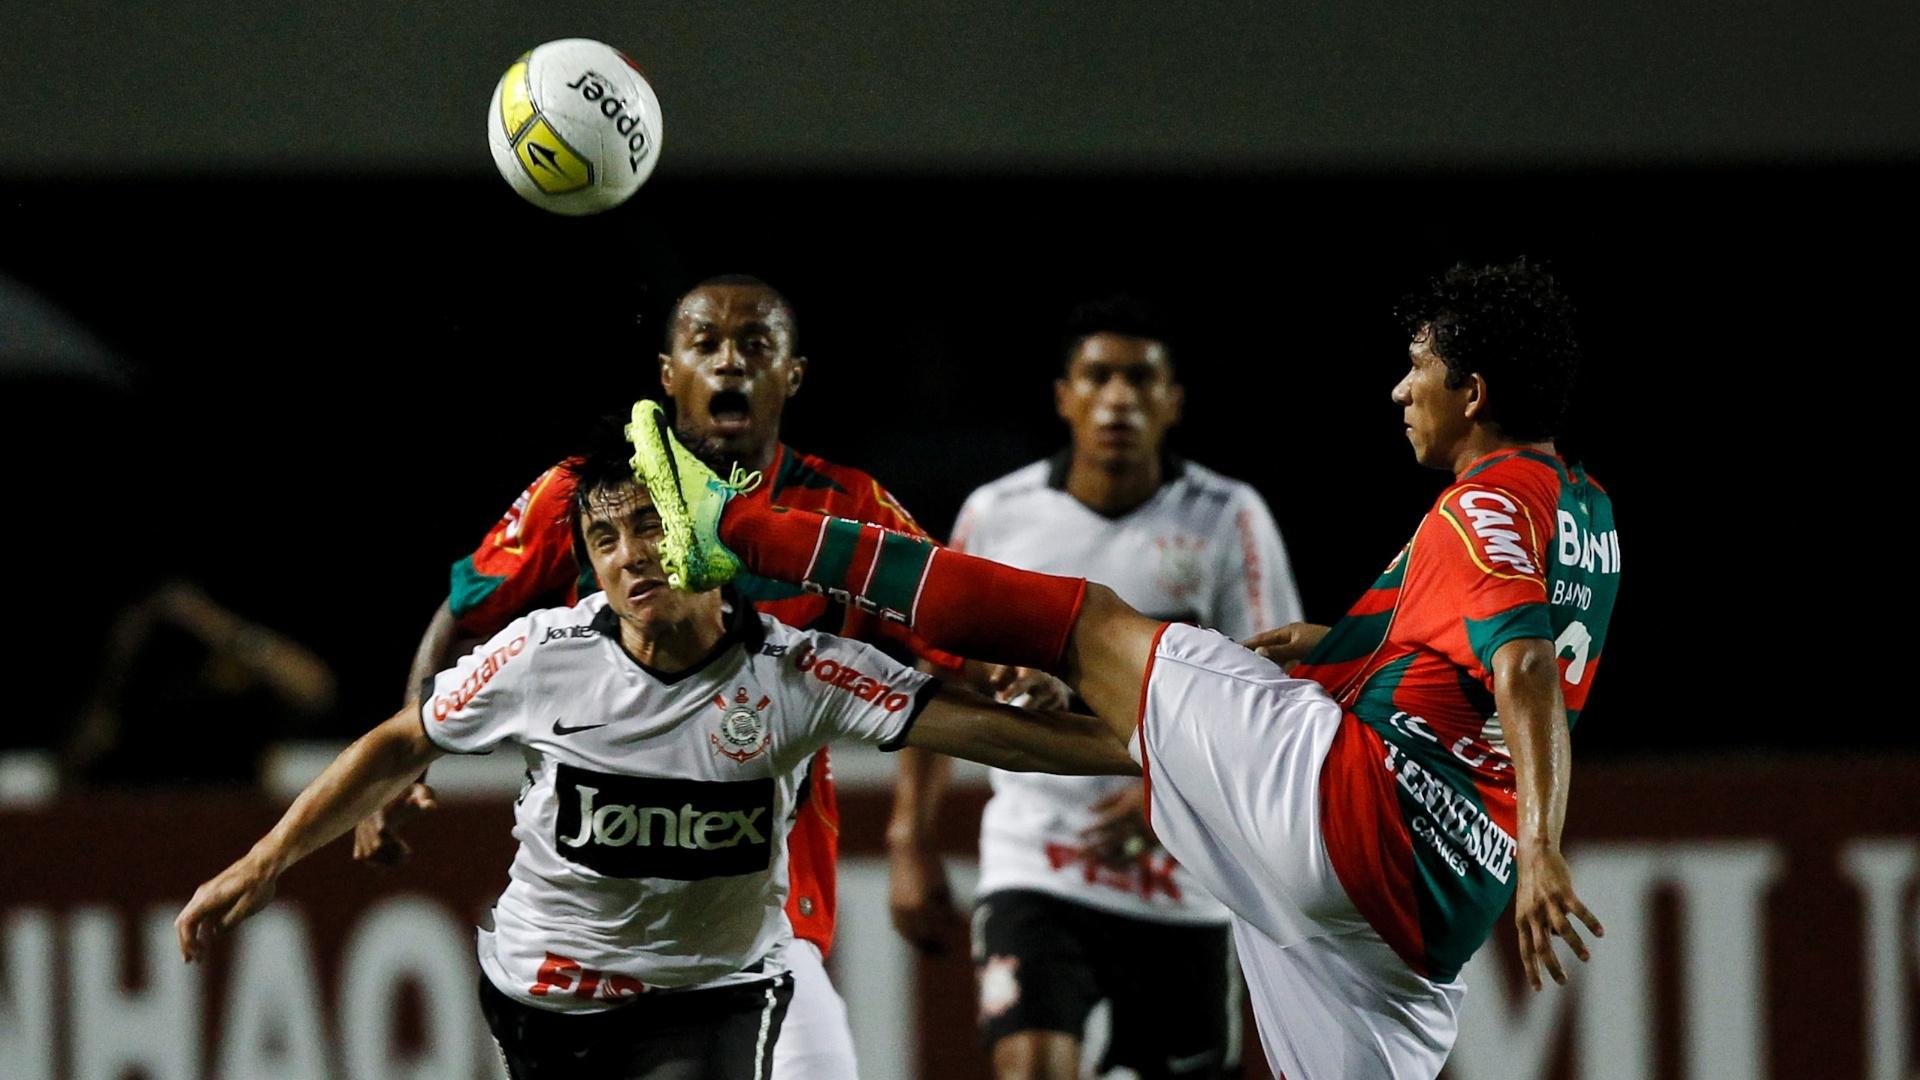 Jogador da Portuguesa ergue o pé na disputa de bola com Willian, atacante do Corinthians